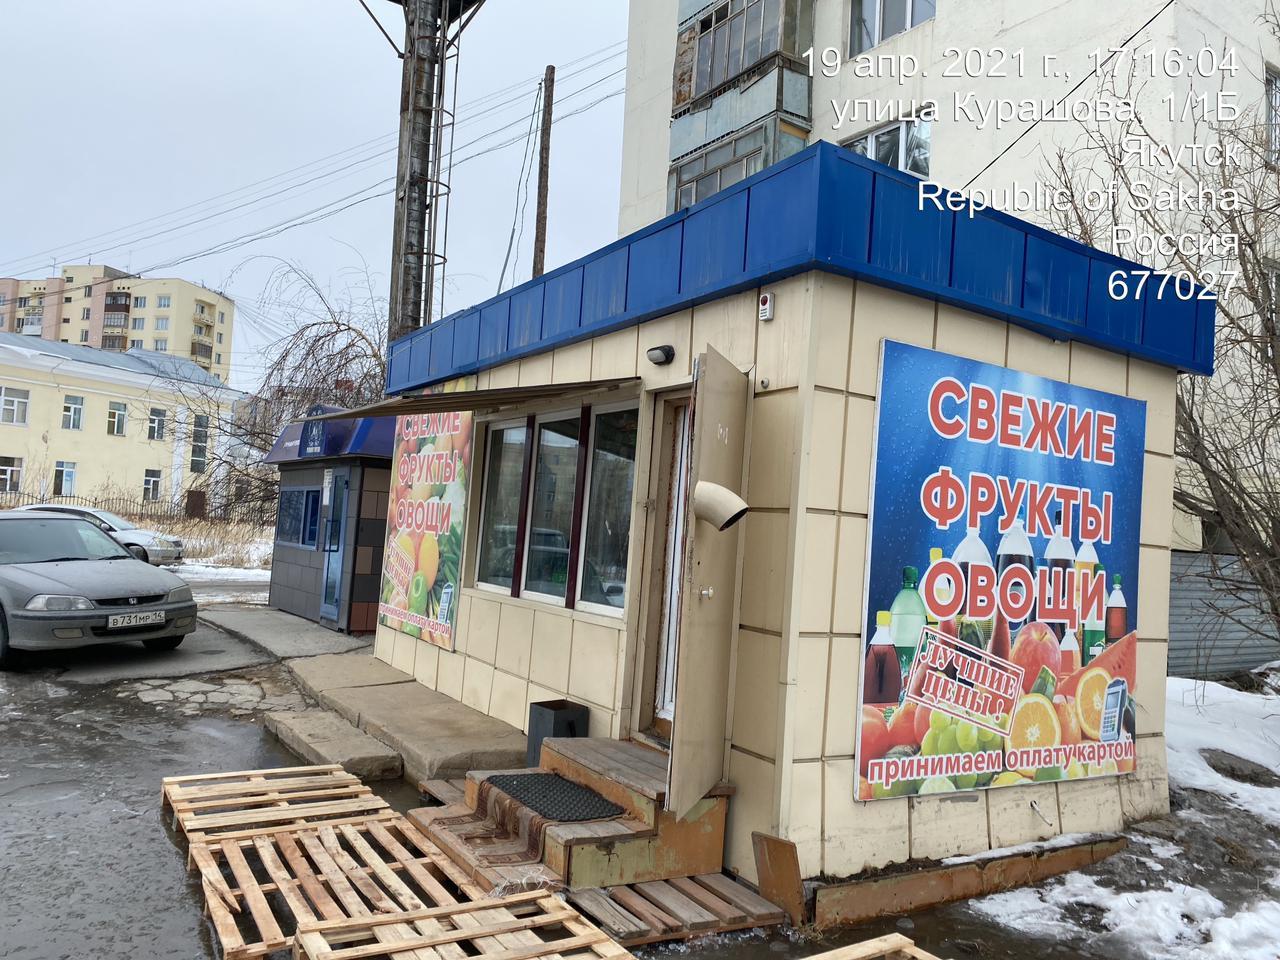 Оперштаб г. Якутска по противодействию коронавирусной инфекции проверил торговые центры и киоски овощей